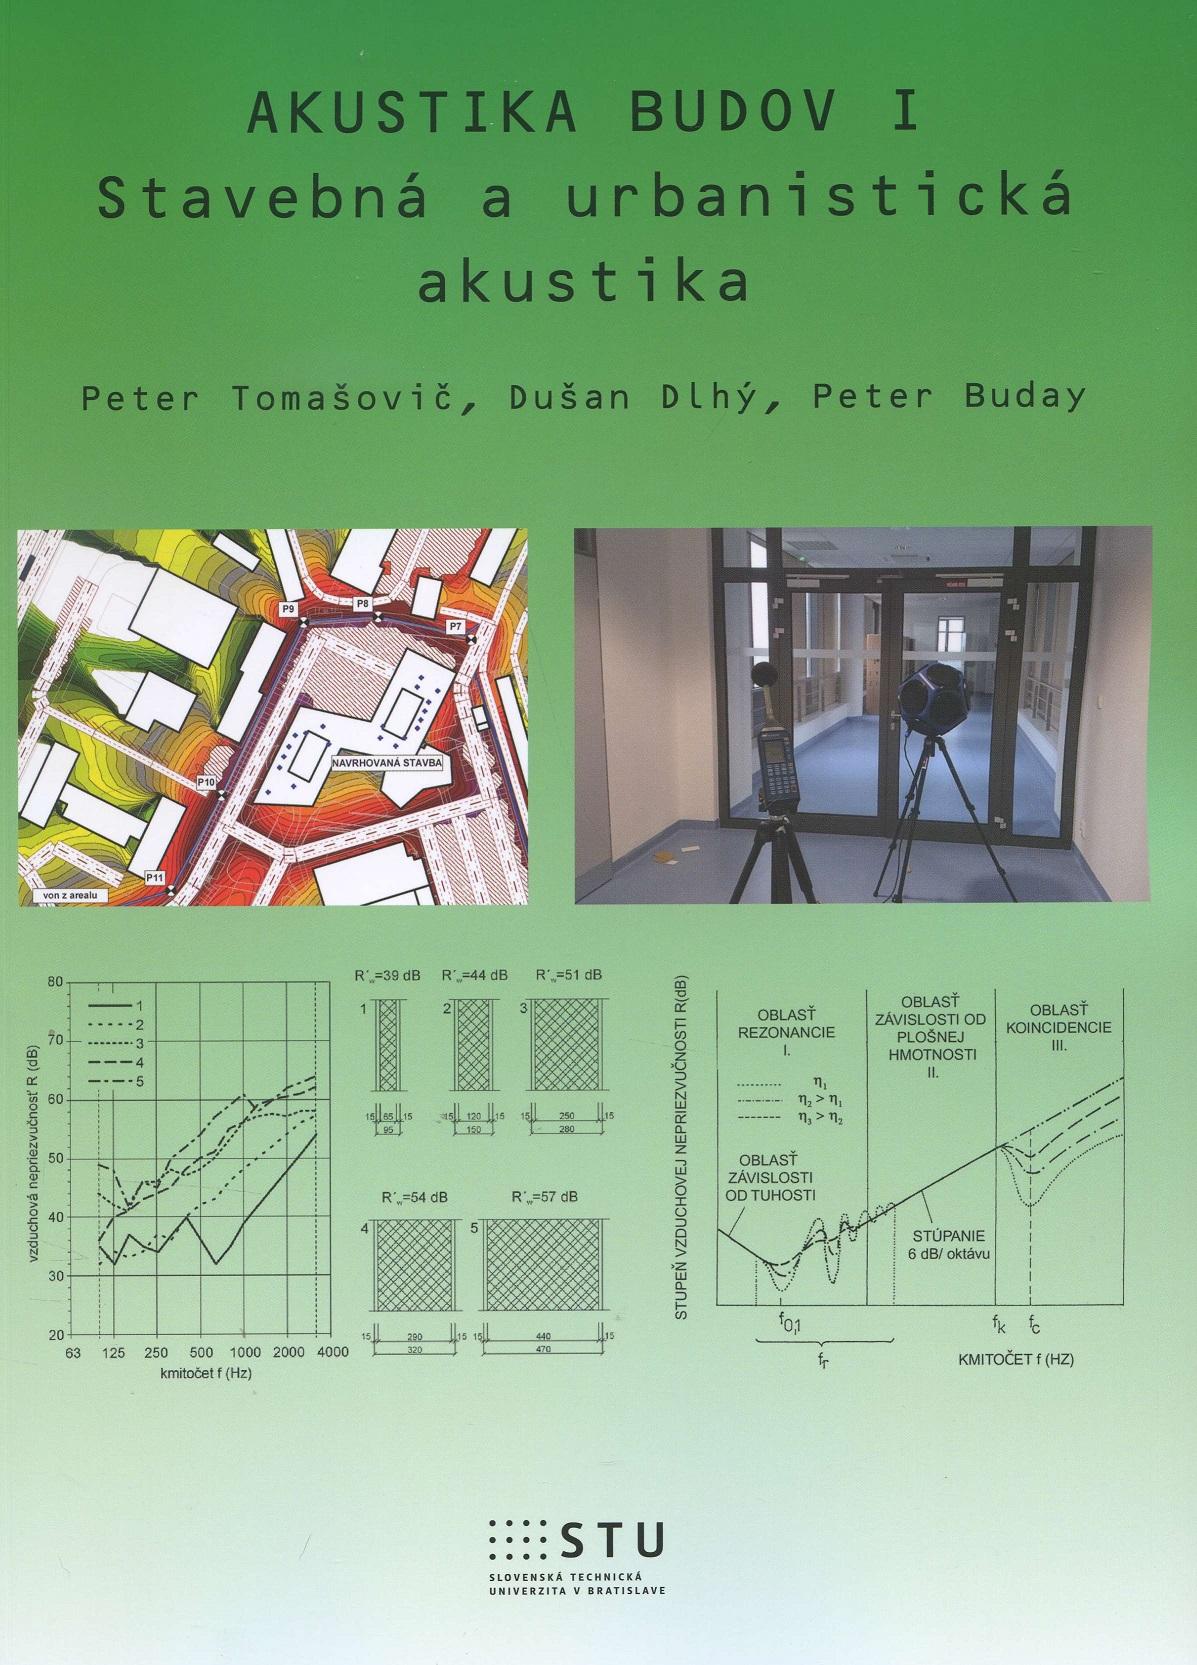 Akustika budov I. - Stavebná a urbanistická akustika